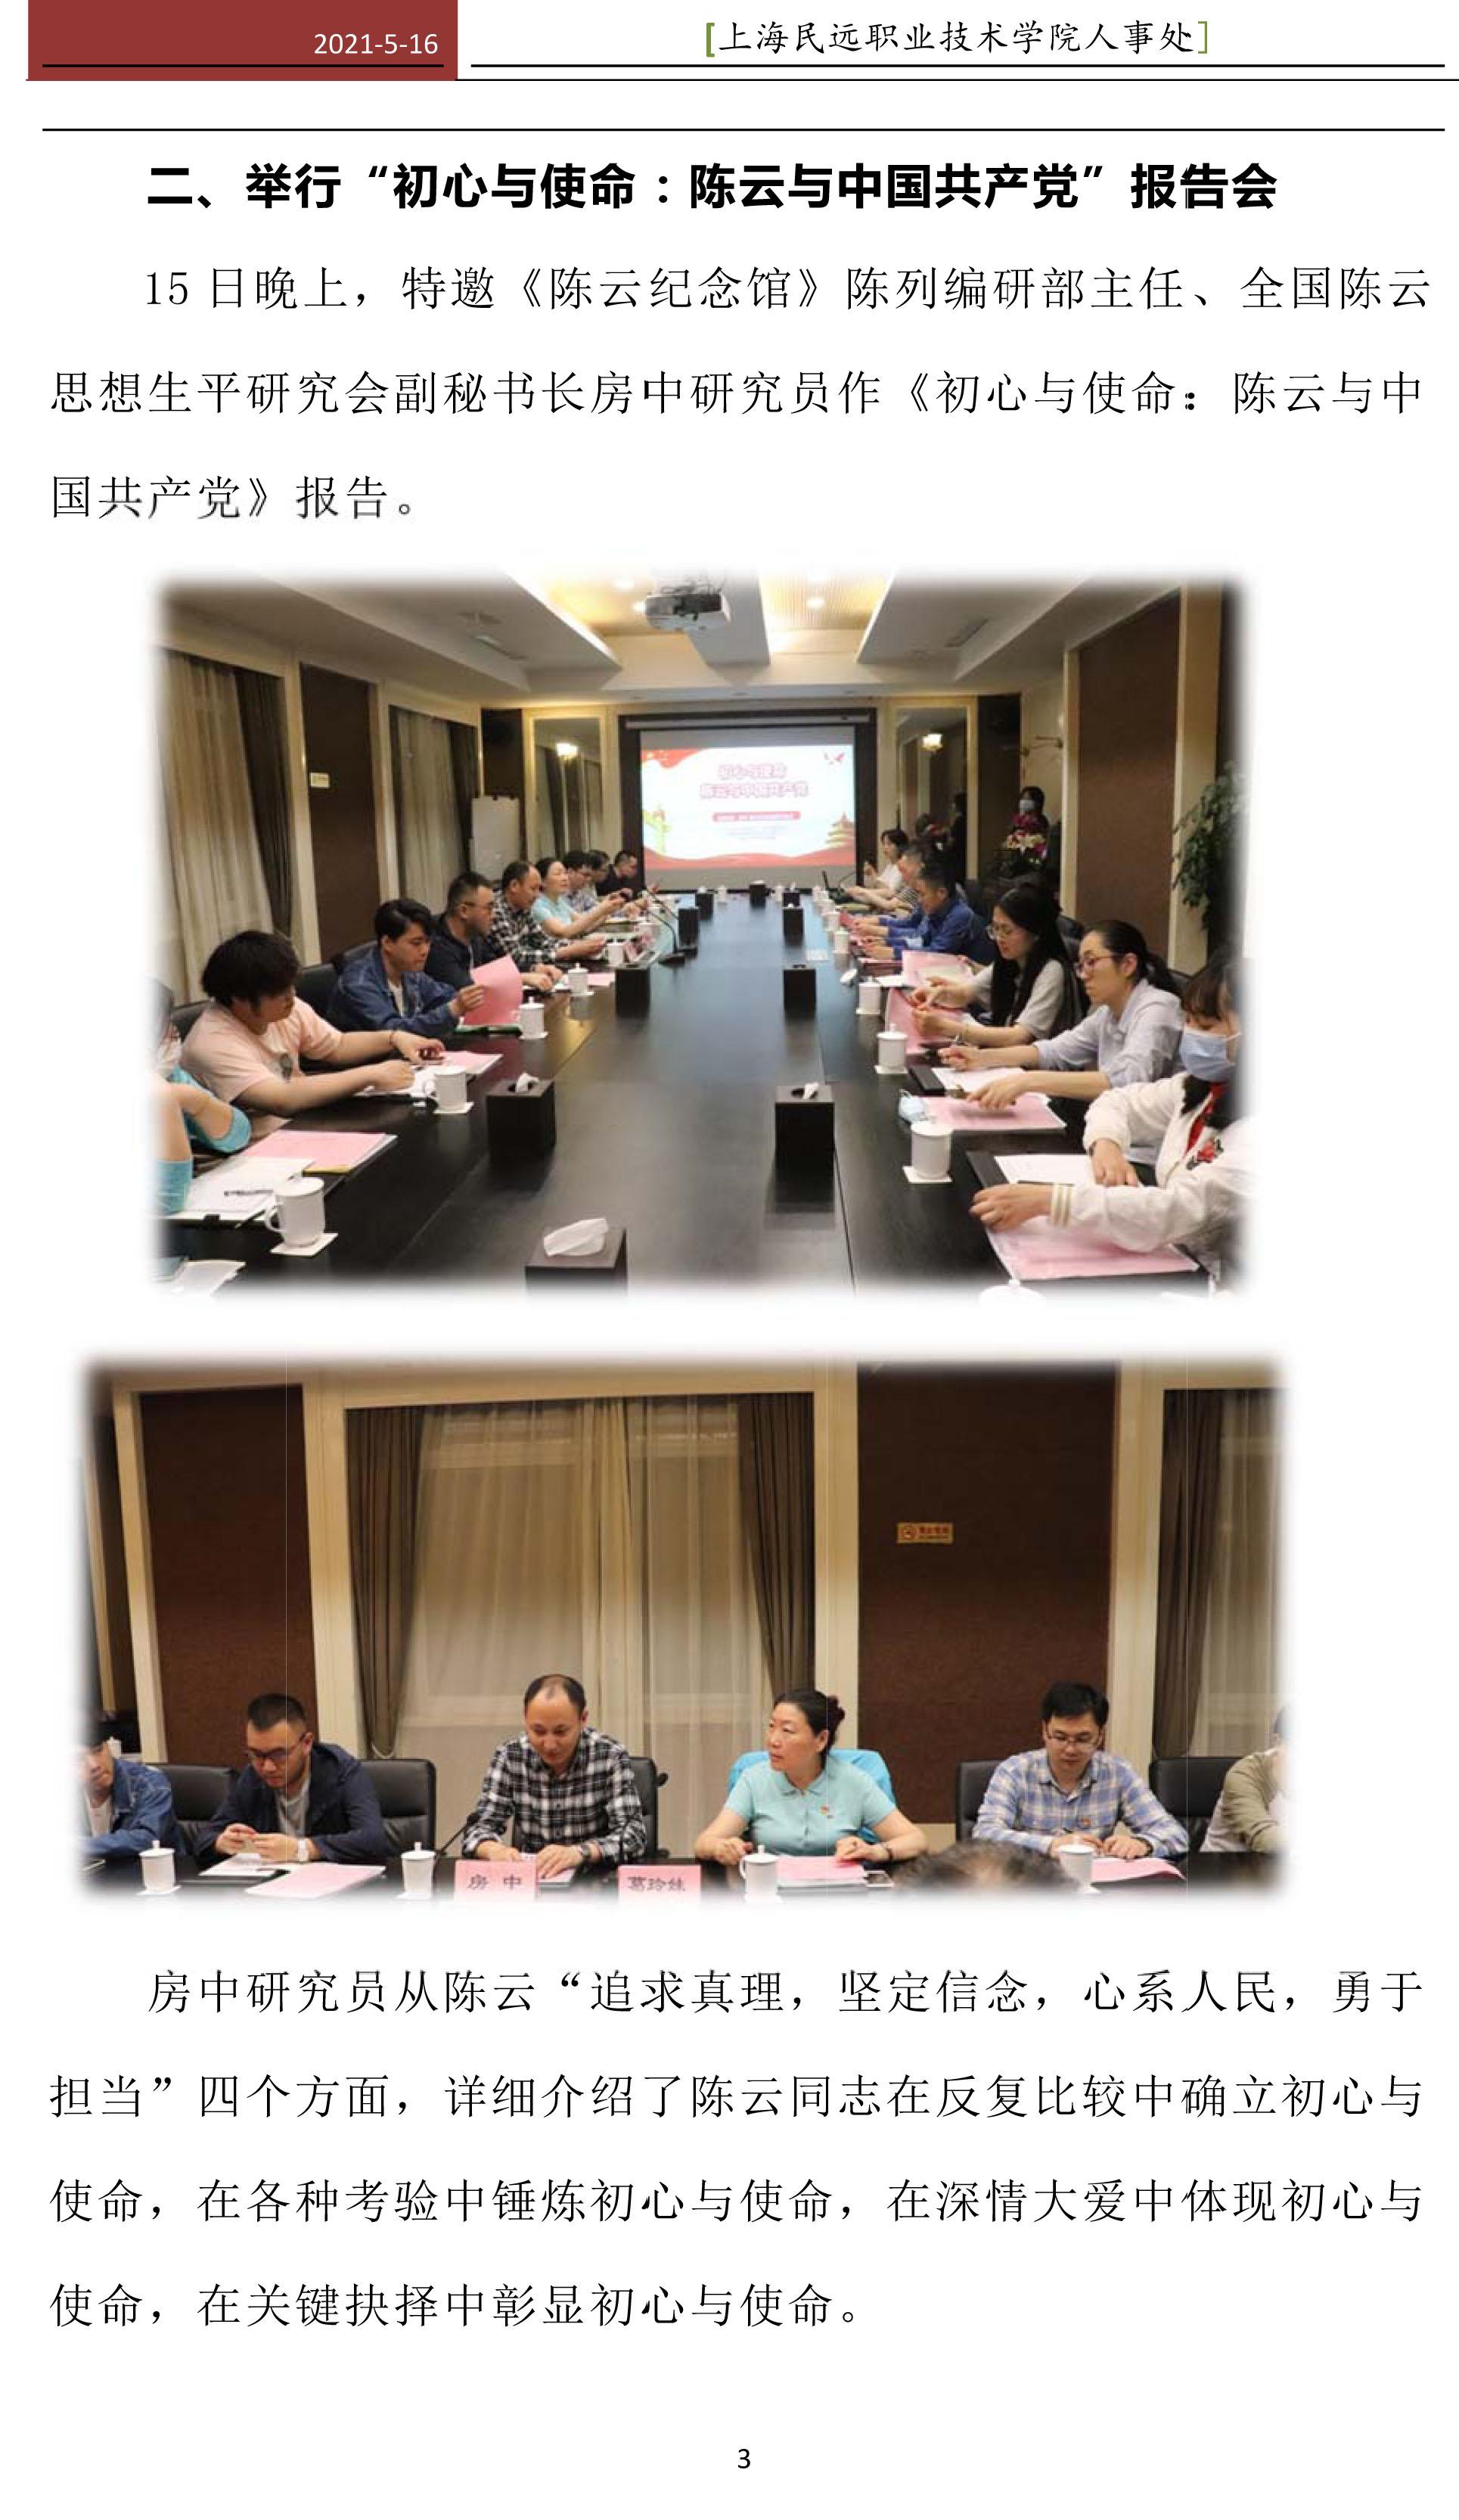 上海民远职业技术学院:牢记初心使命,熔炼师生团队